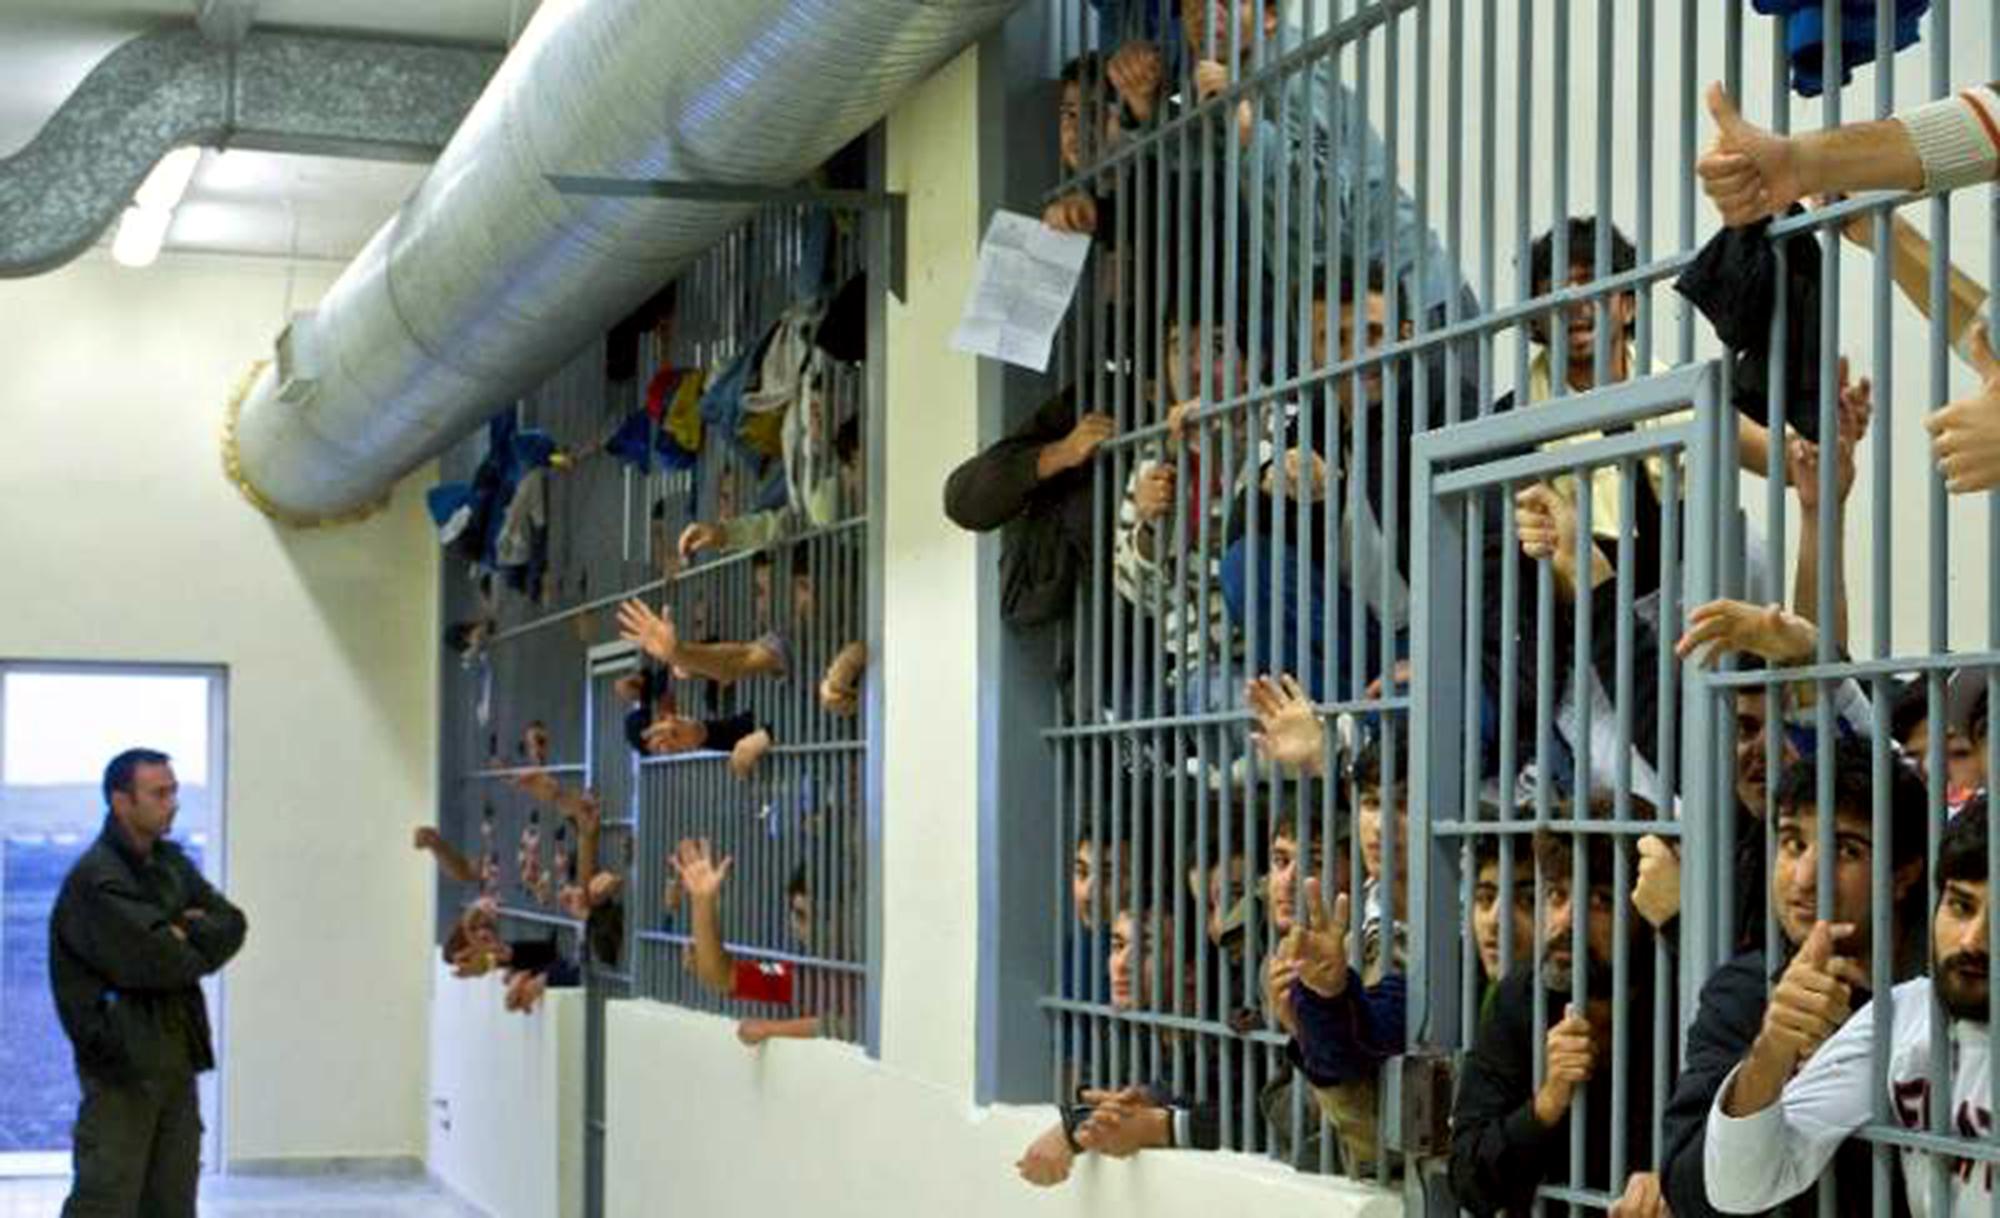 Kriminálník dostal kompenzaci 5 tisíc eur za to, že v rumunských věznicích neměl halal stravu a modlitebnu